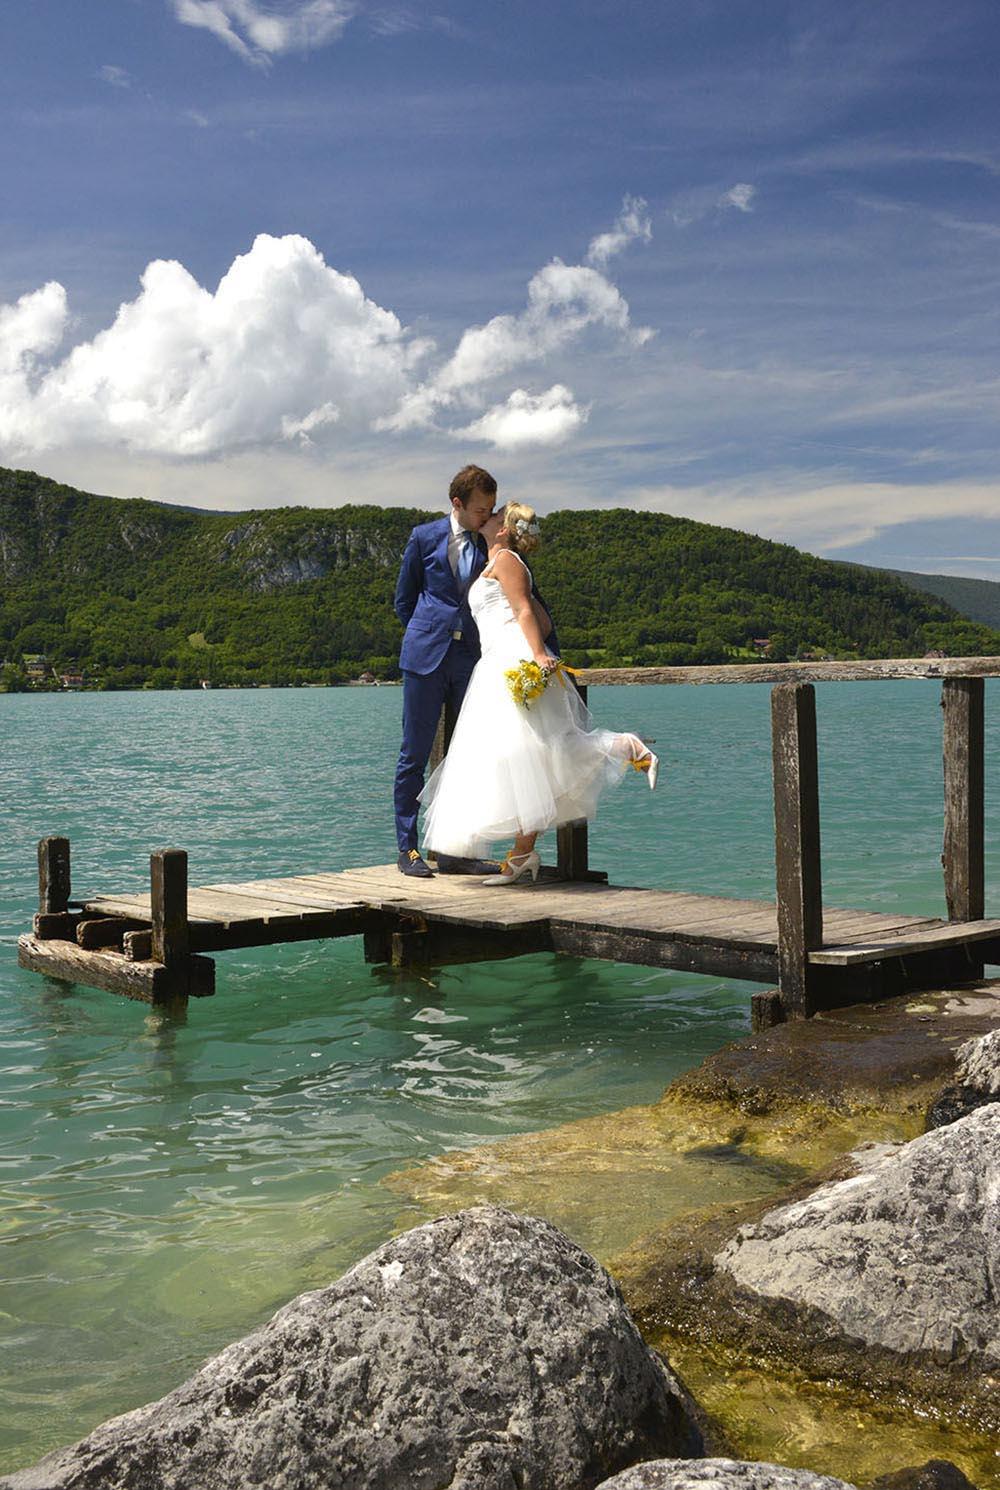 Maries s'embrassant sur un ponton, lac d'Annecy, France